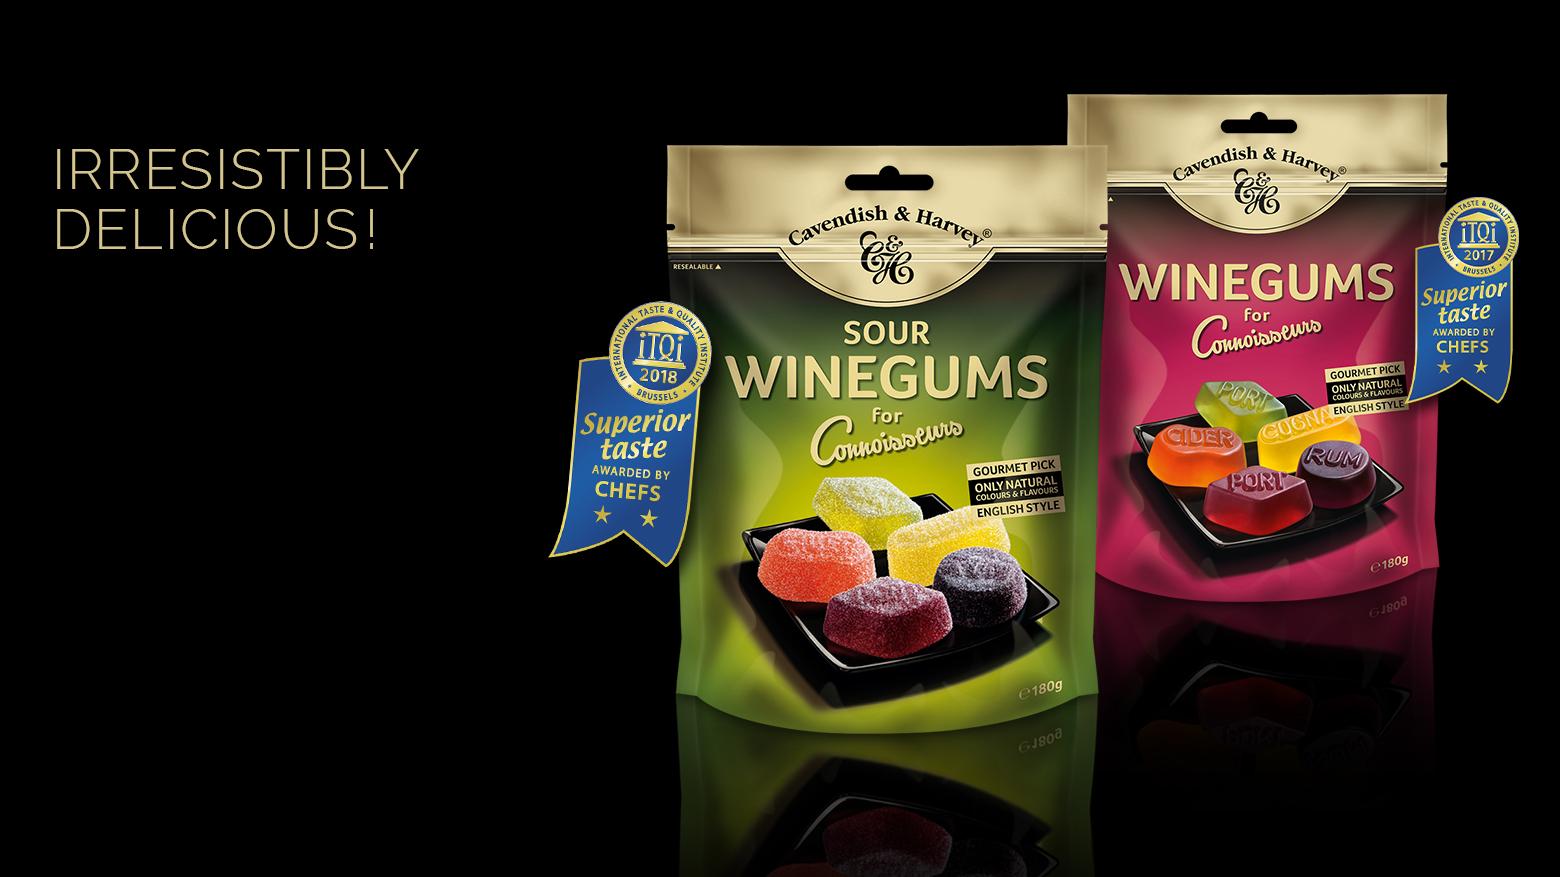 C&H Winegums for Connoisseurs